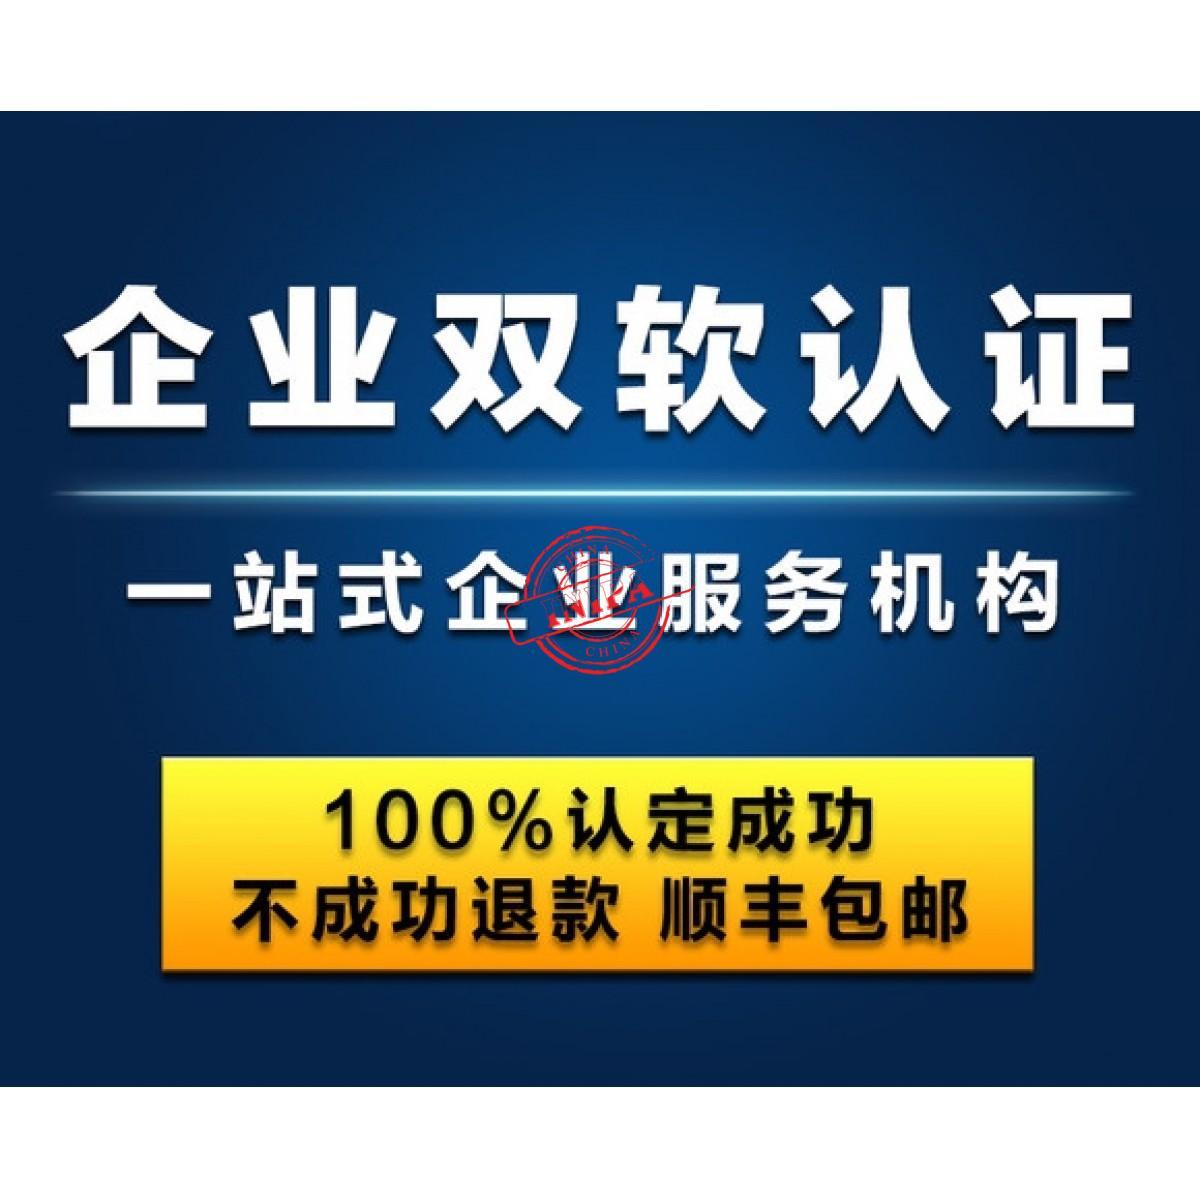 企业双软认证_双软认证企业